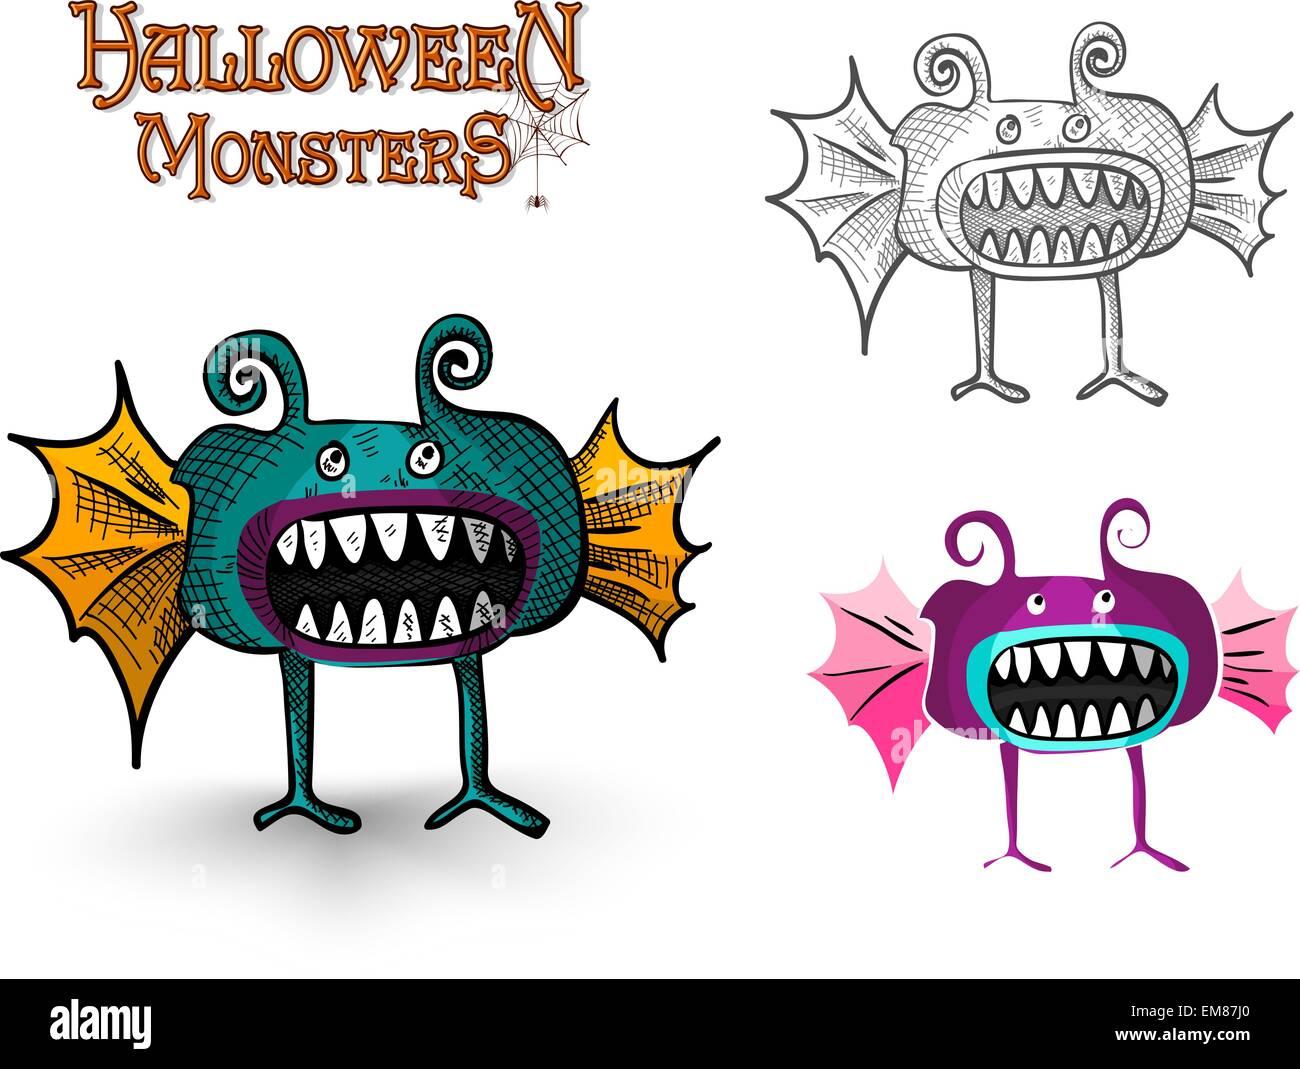 Groß Bedruckbare Halloween Ausschnitte Zeitgenössisch - Malvorlagen ...